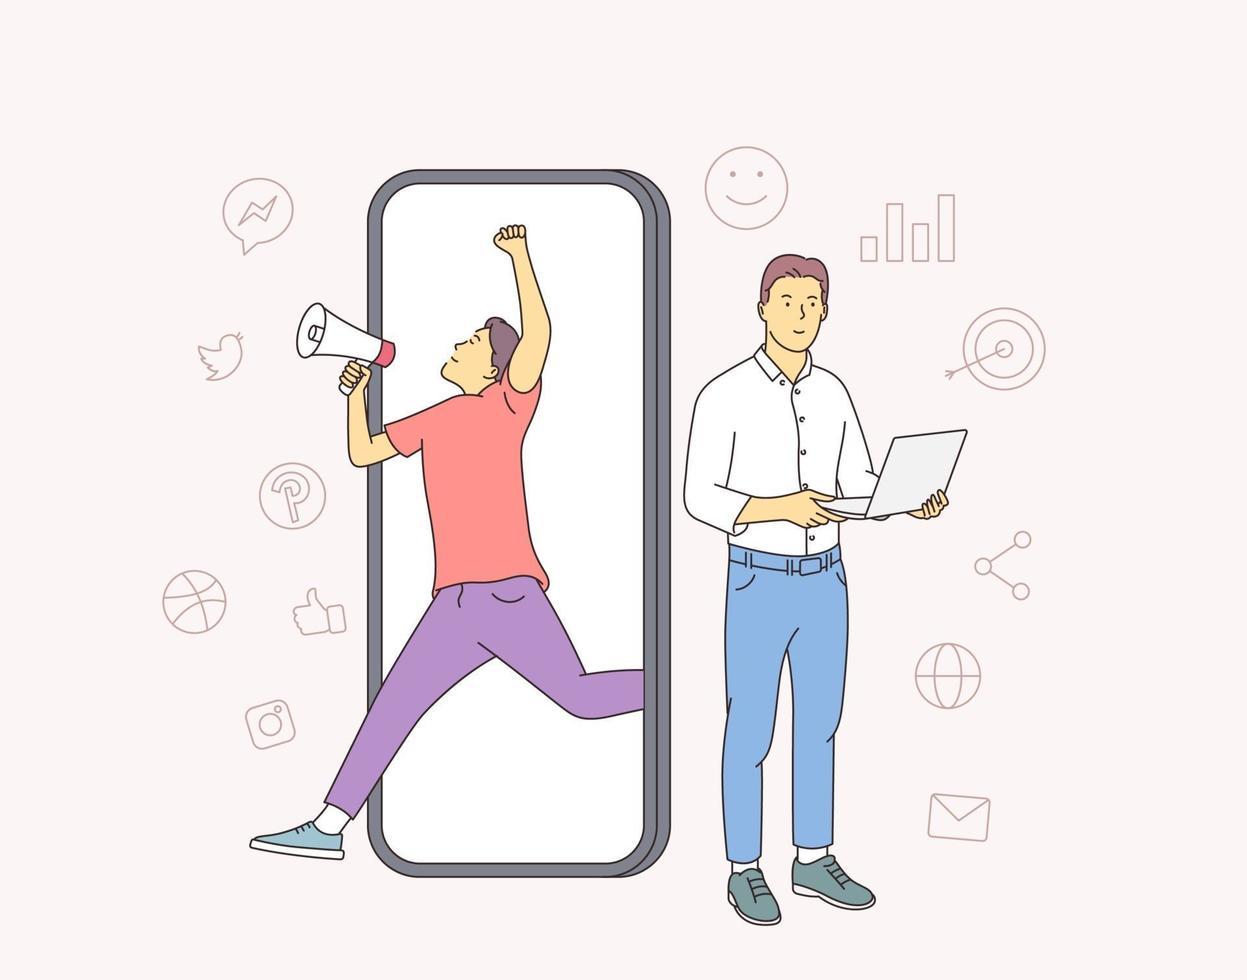 finanças, análise, conceito de trabalho em equipe. dois homens parceiros de negócios trabalhadores personagens de desenhos animados analisando dados financeiros e estatísticas de informações de marketing juntos. ilustração vetorial plana vetor